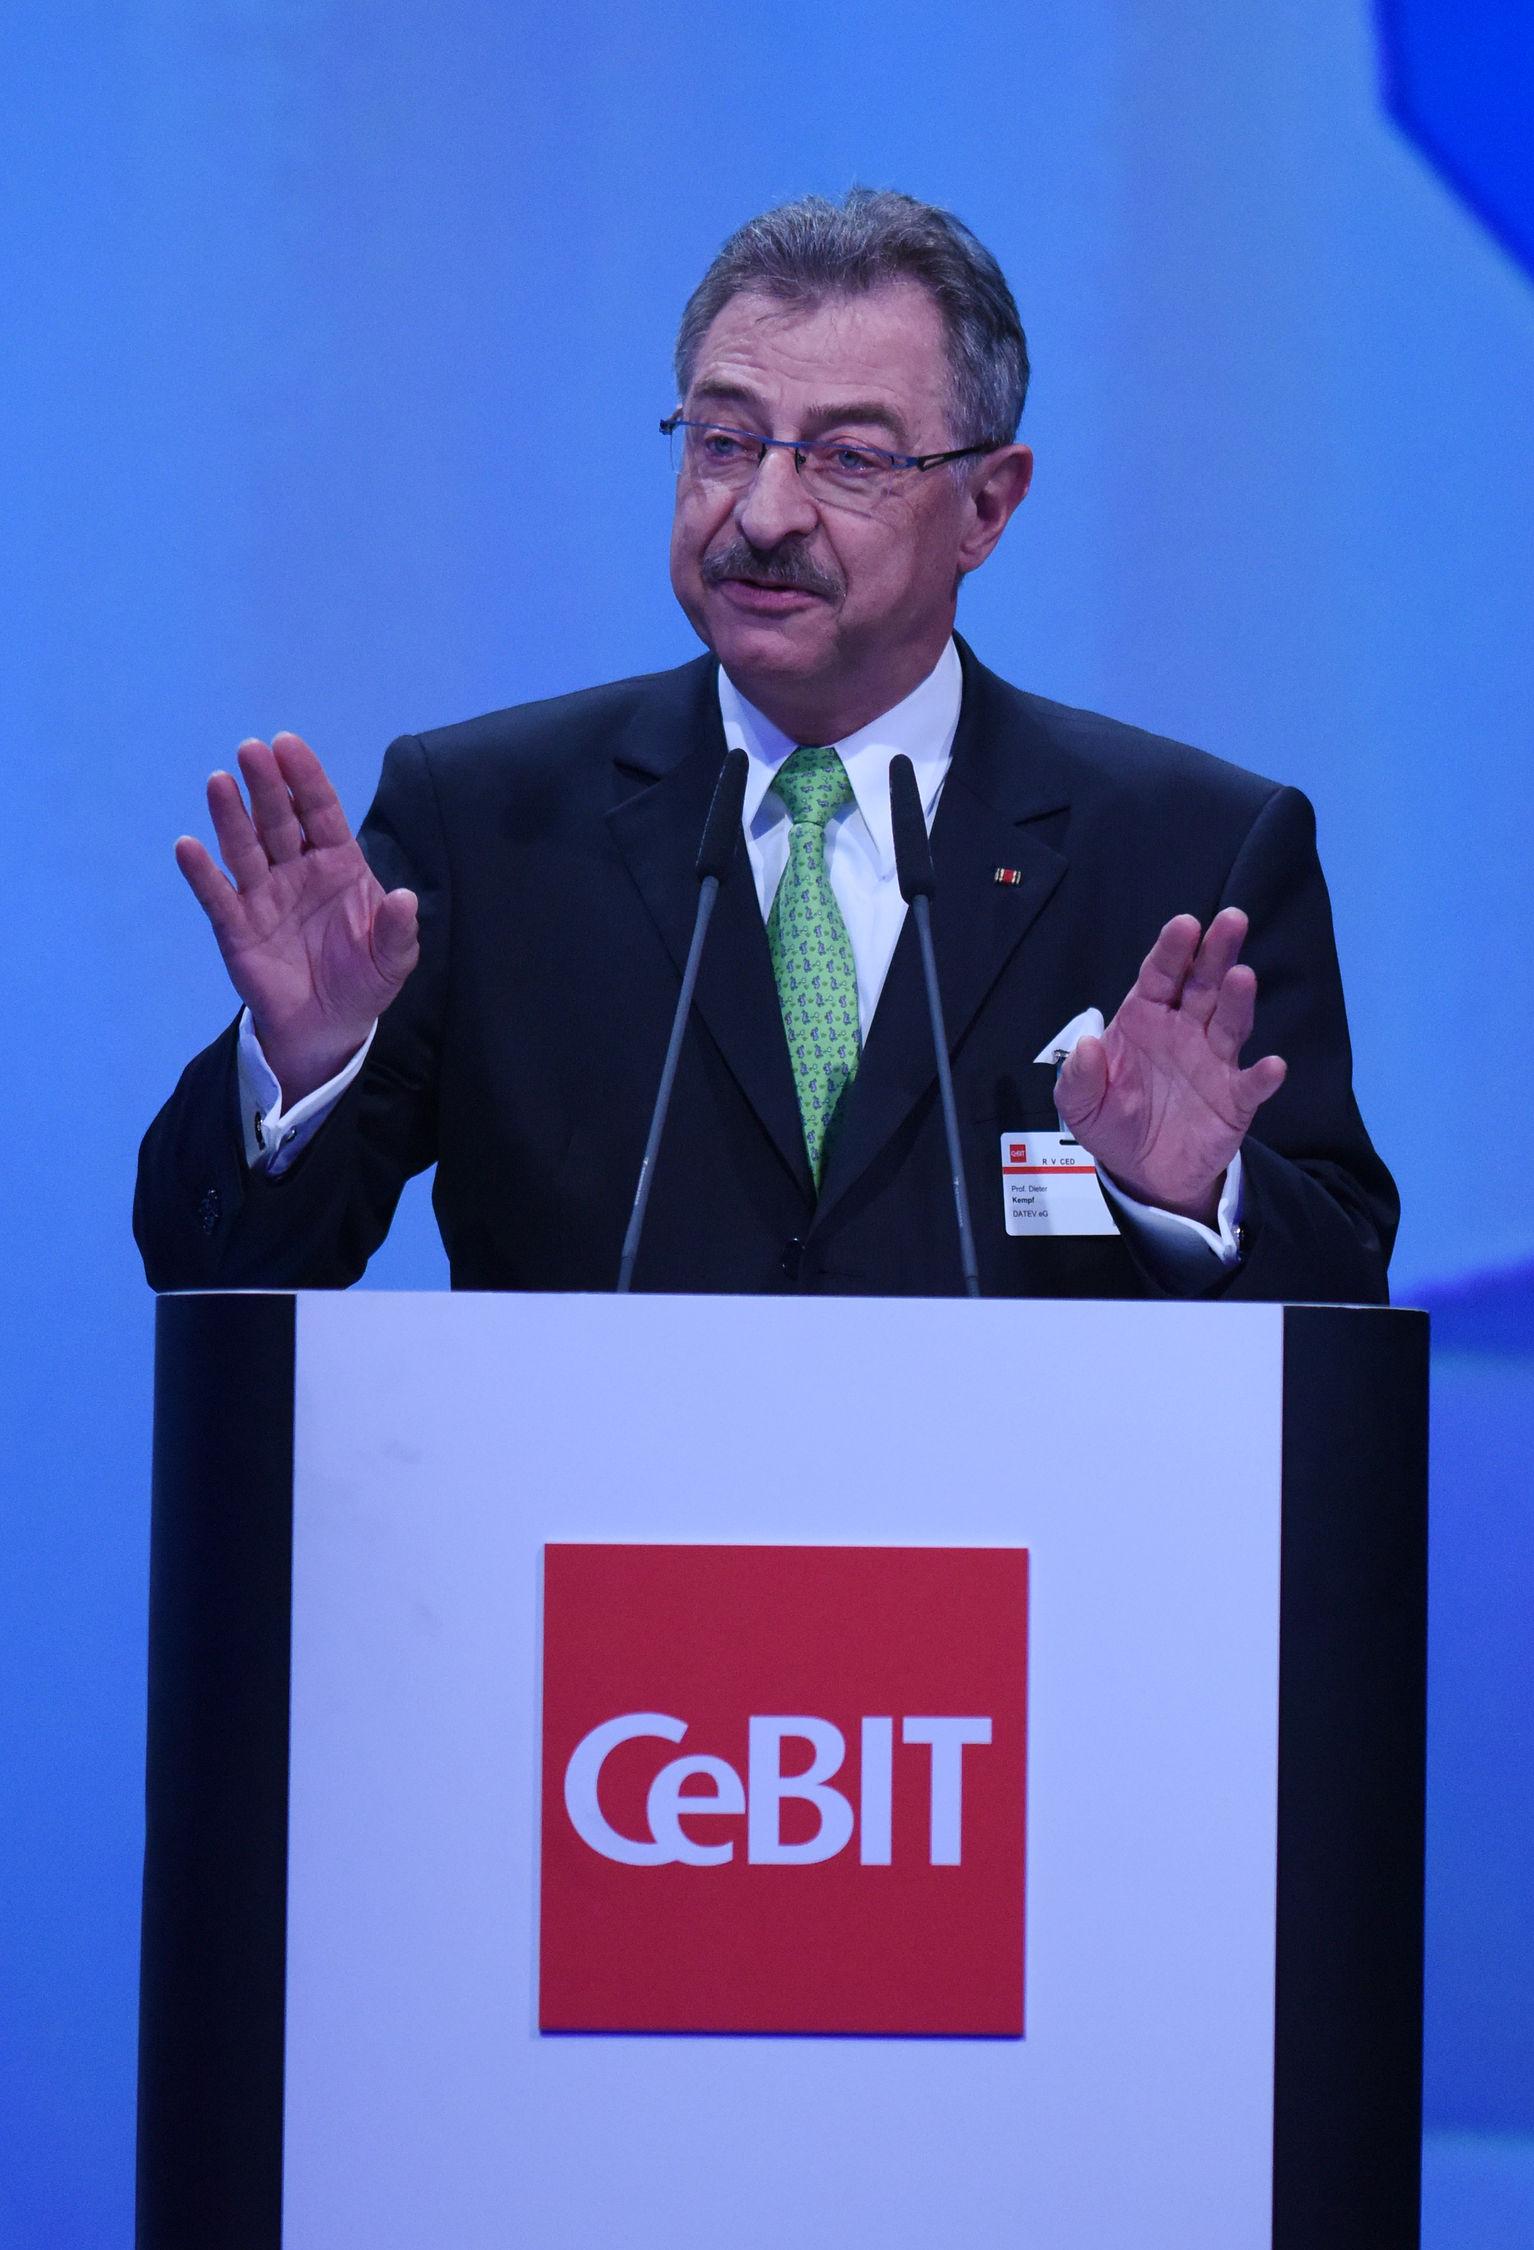 Präsident des BITKOM, Dieter Kempf. (Bild: CeBIT/Deutsche Messe)